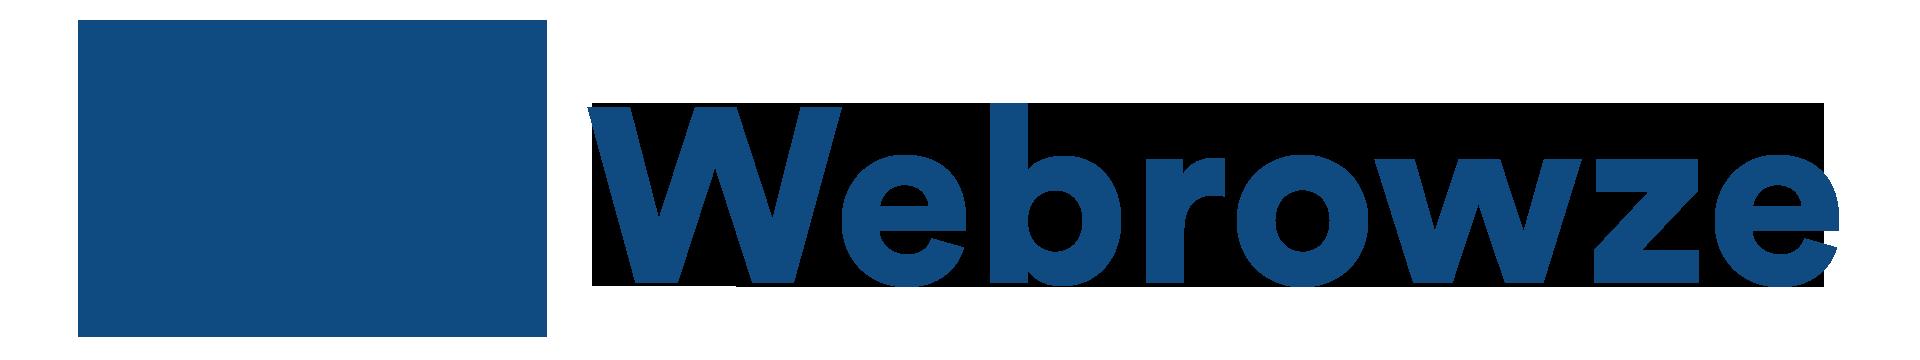 Webrowze